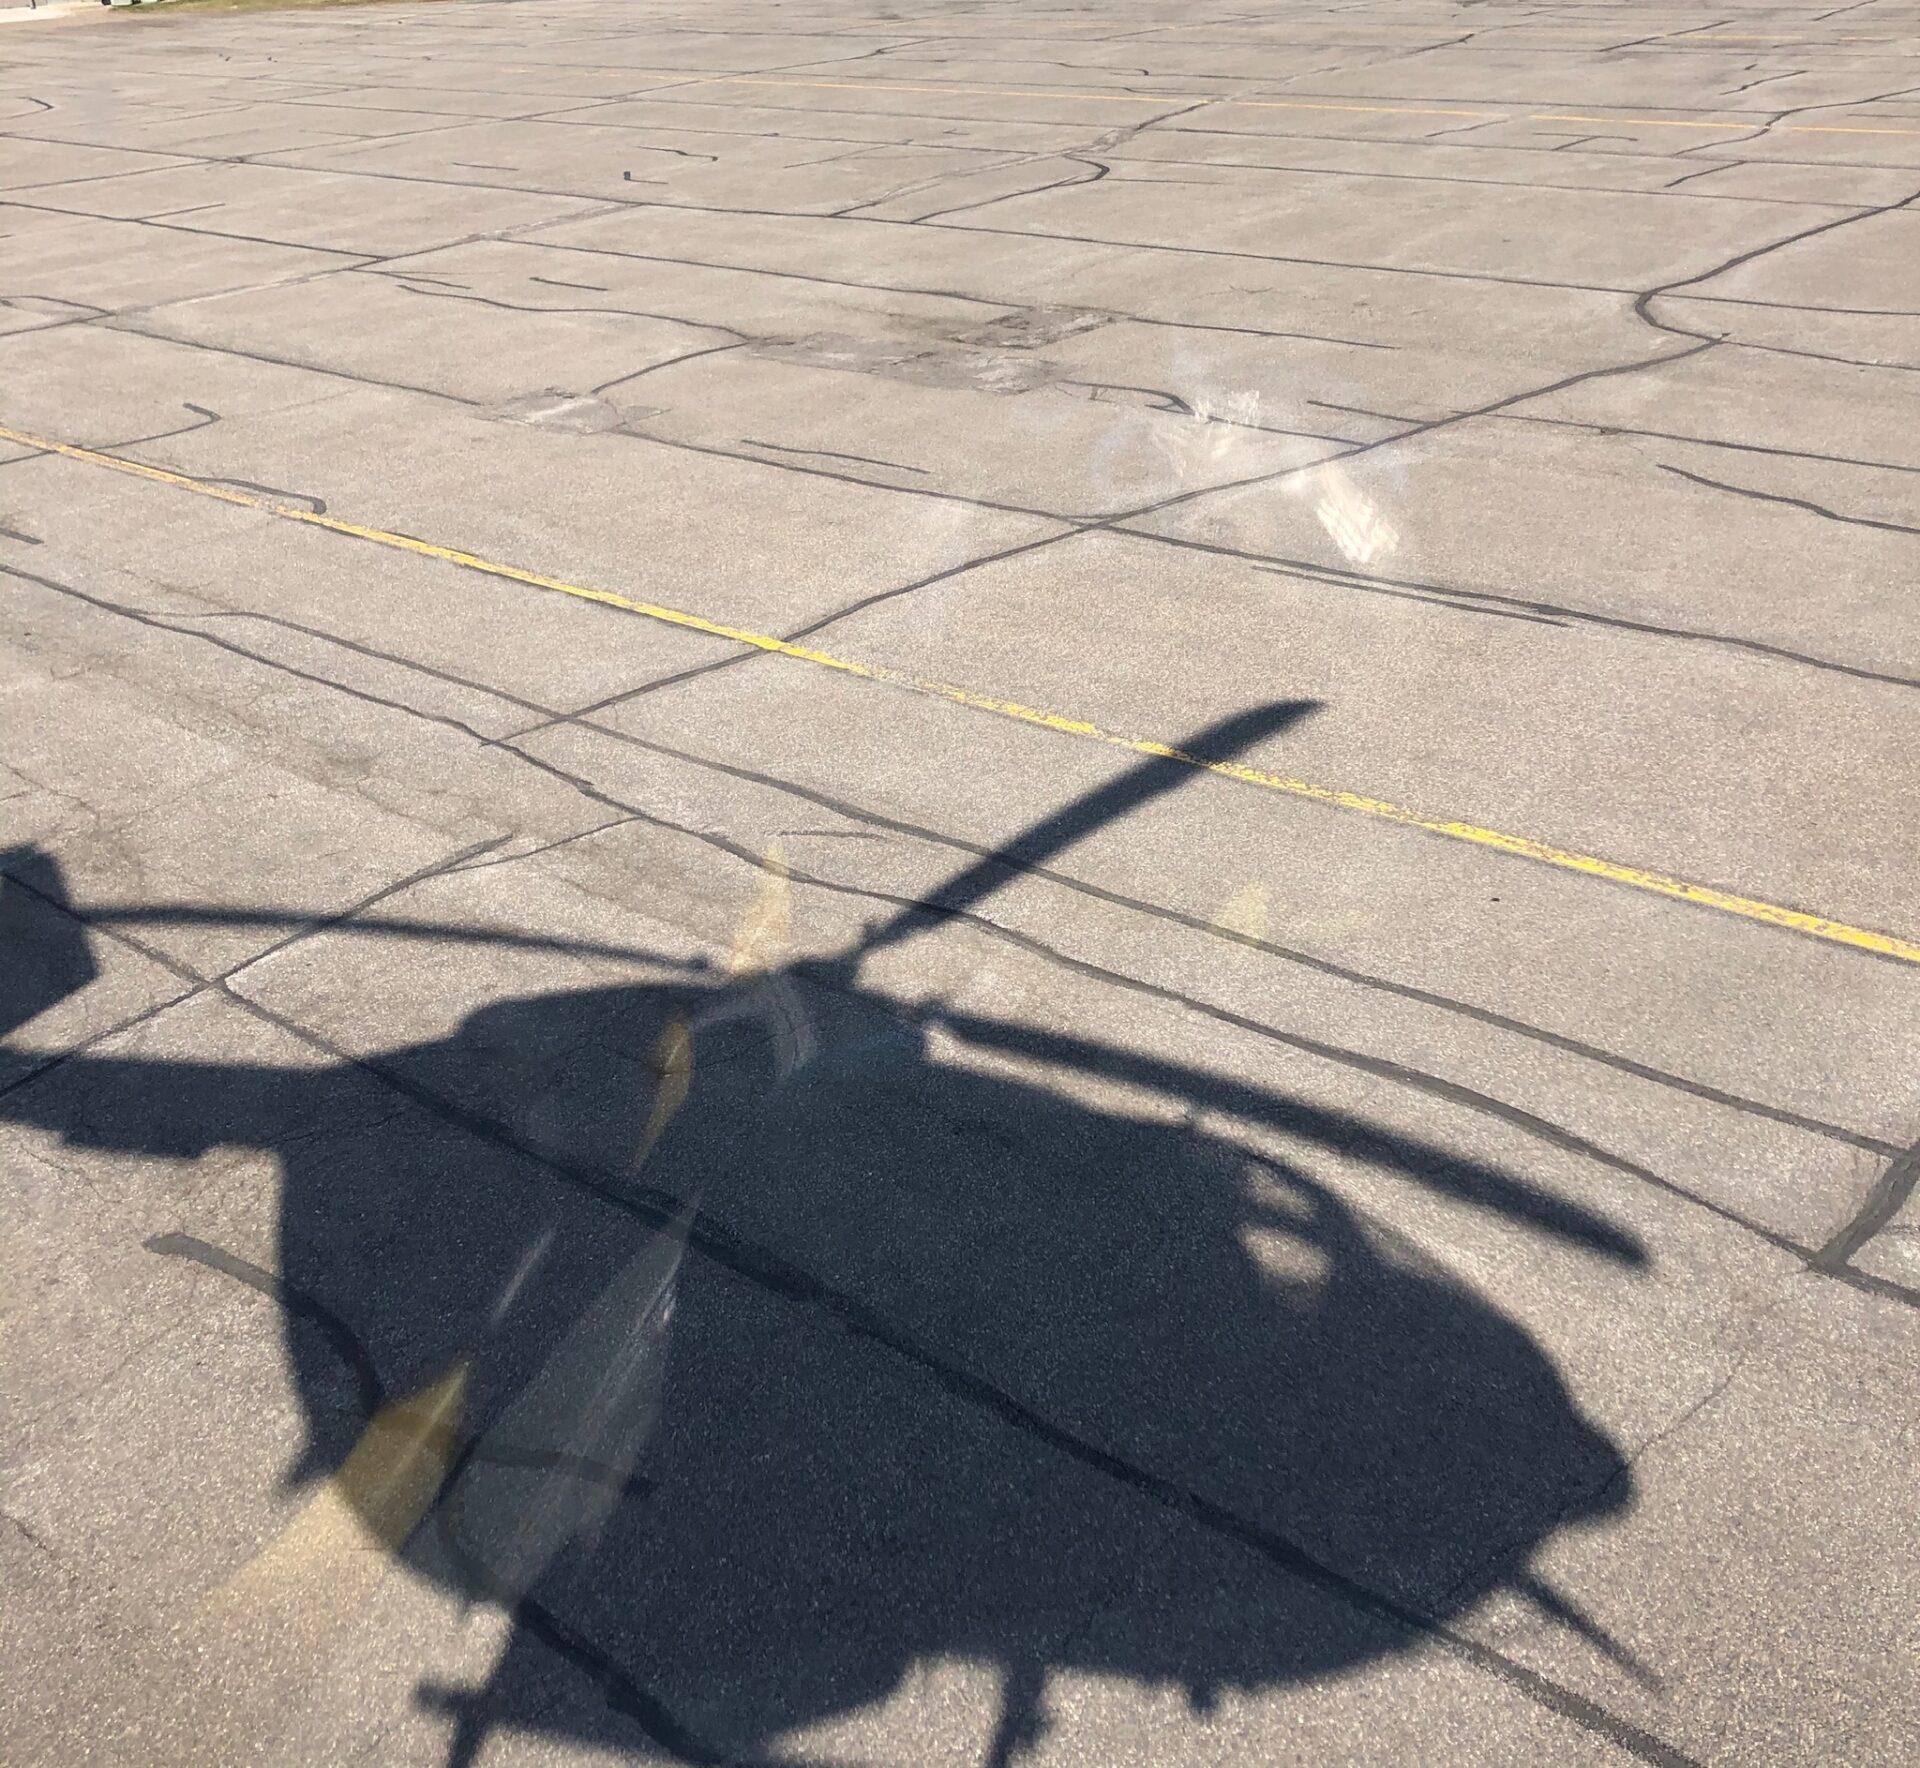 AC shadow